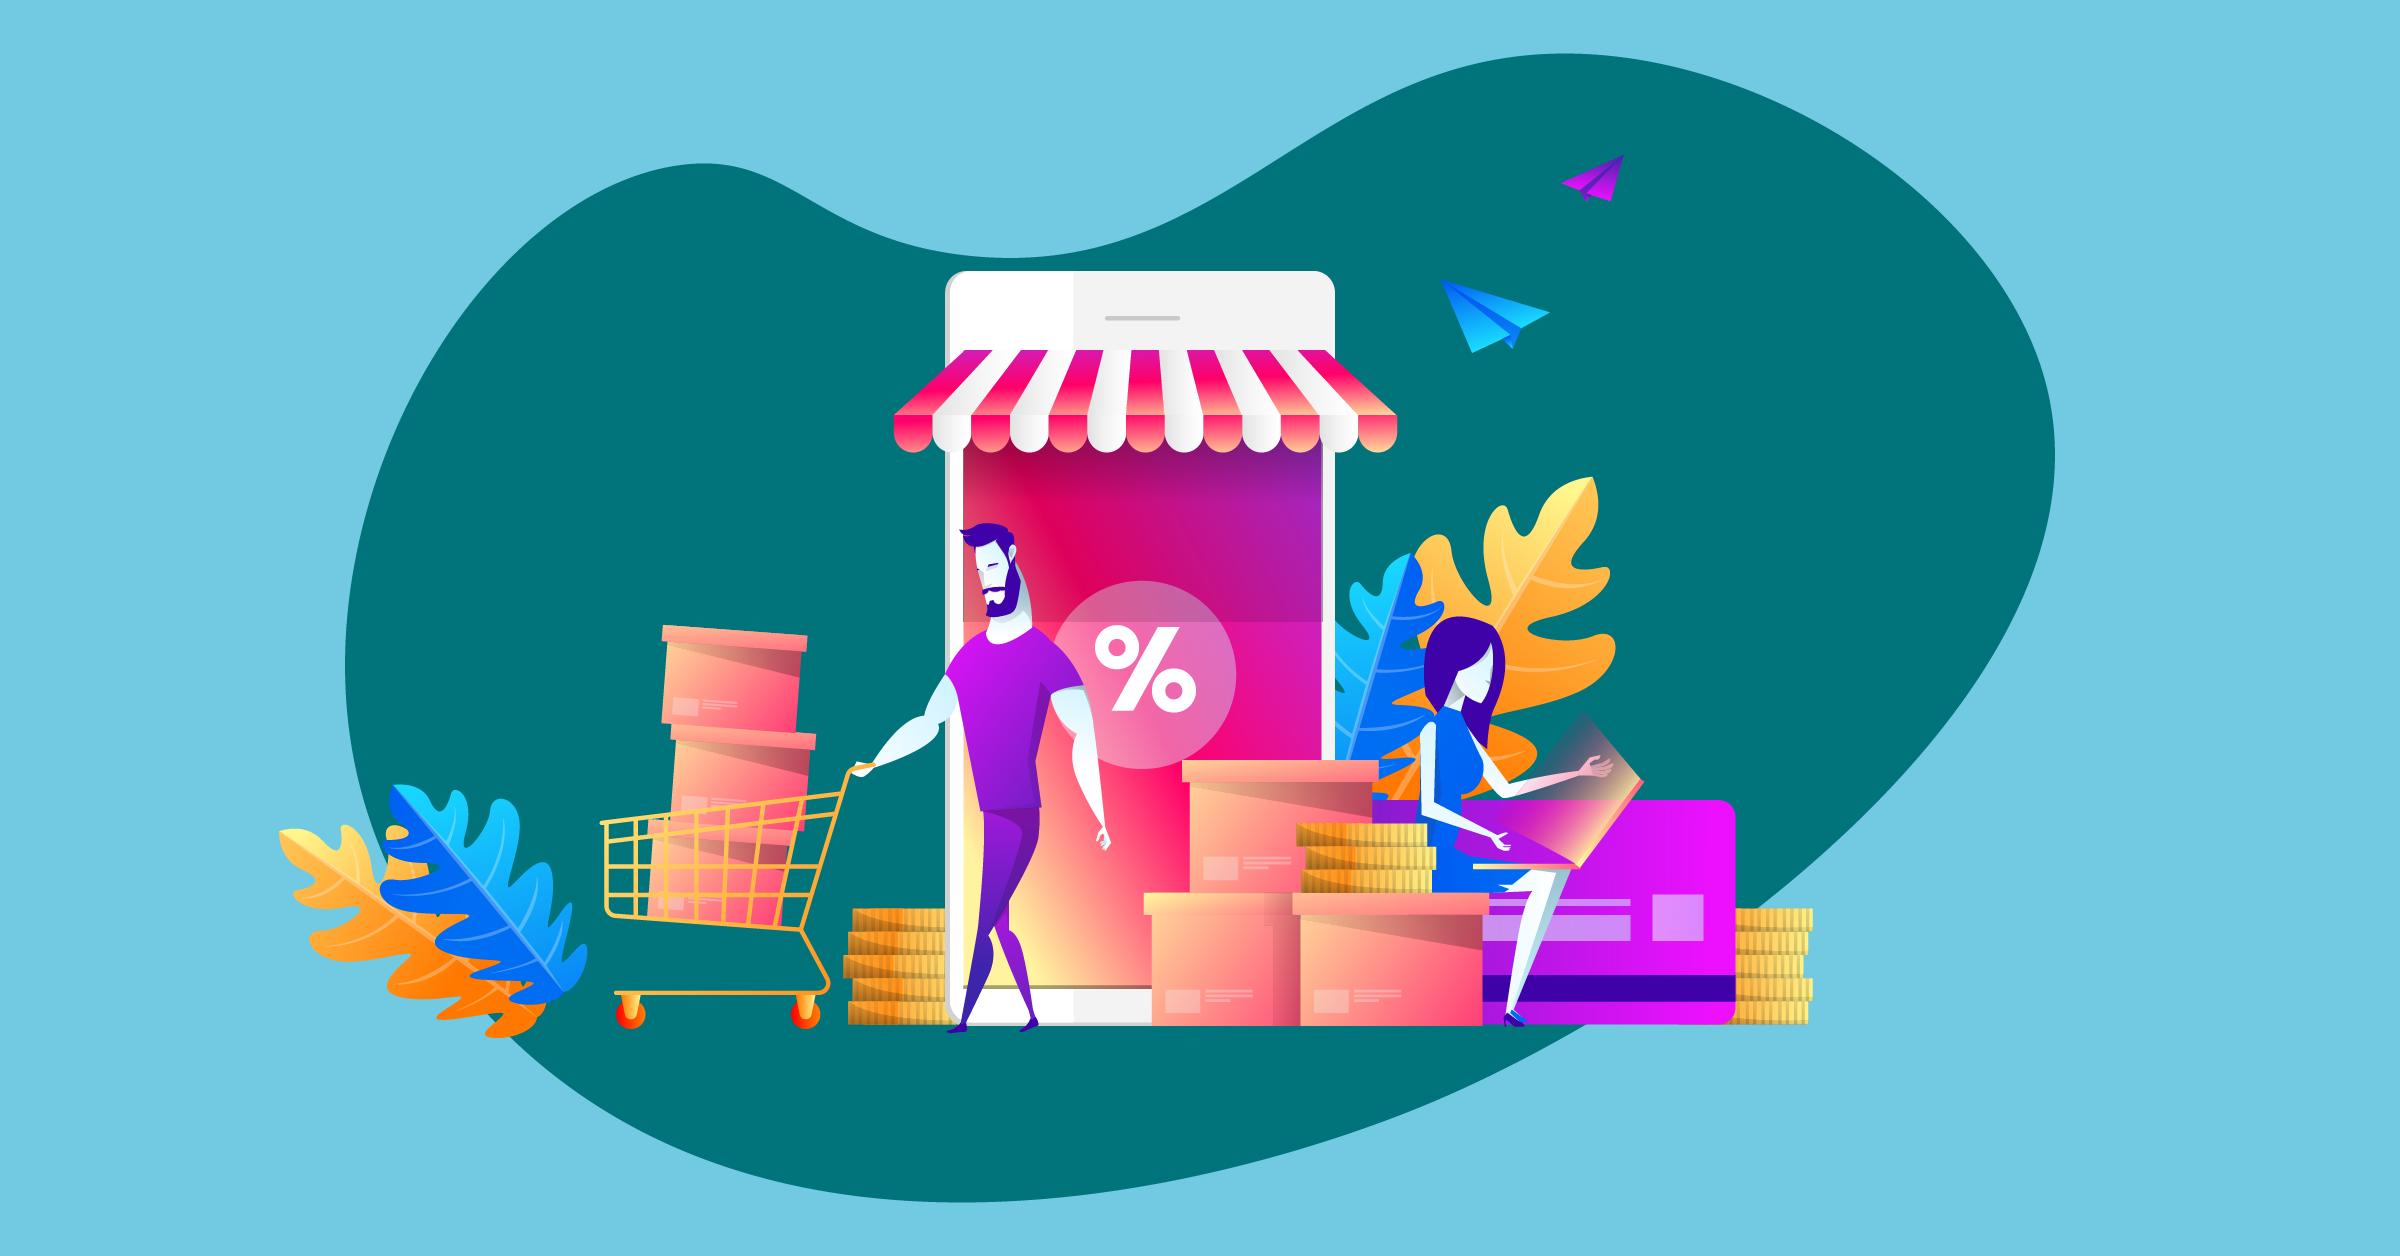 Trgovci na drobno si lahko obetajo boljše čase - iPROM - Novice iz sveta